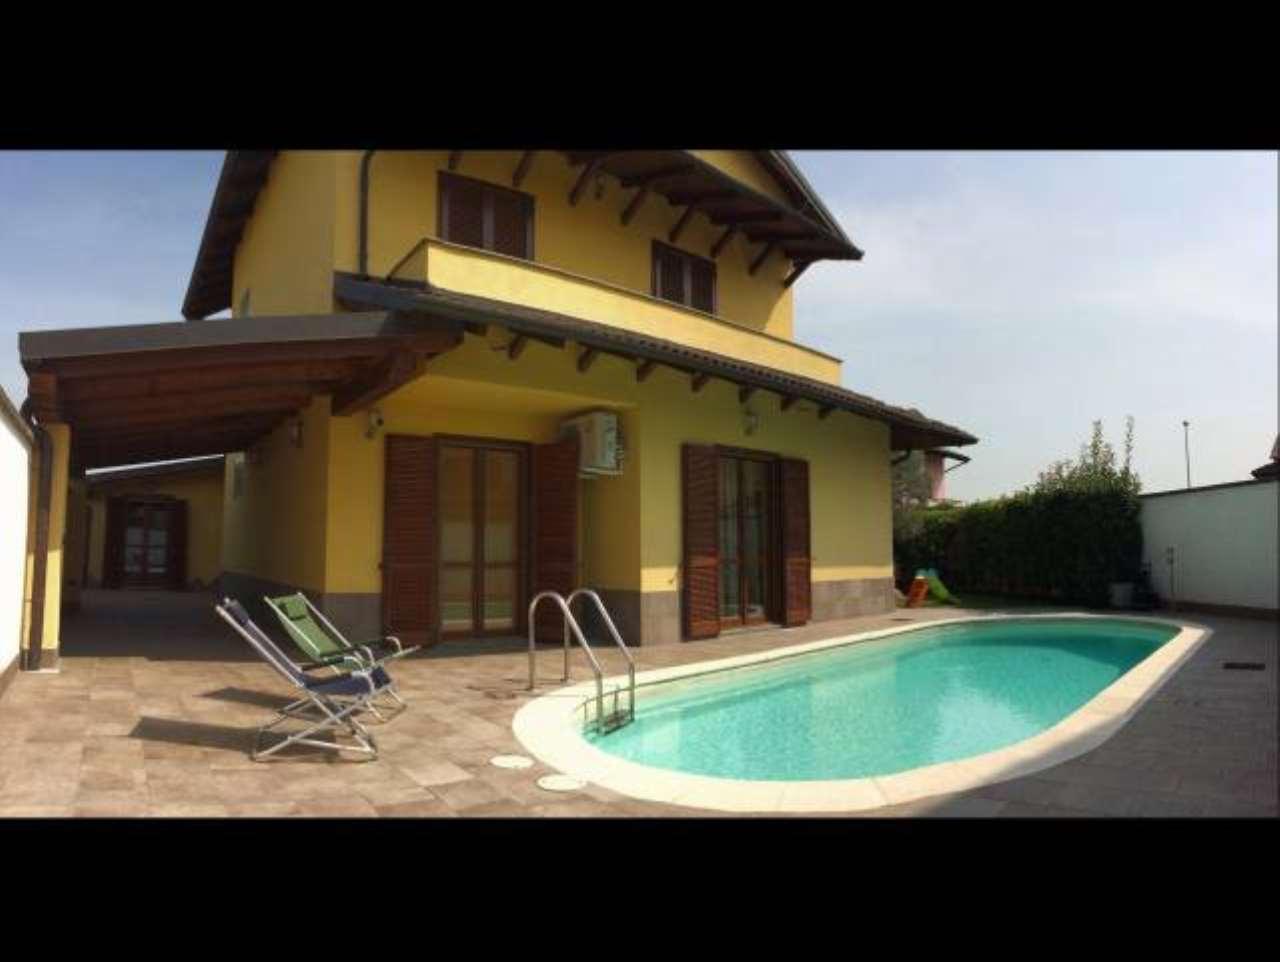 Villa in vendita a Vercelli, 5 locali, prezzo € 330.000   CambioCasa.it